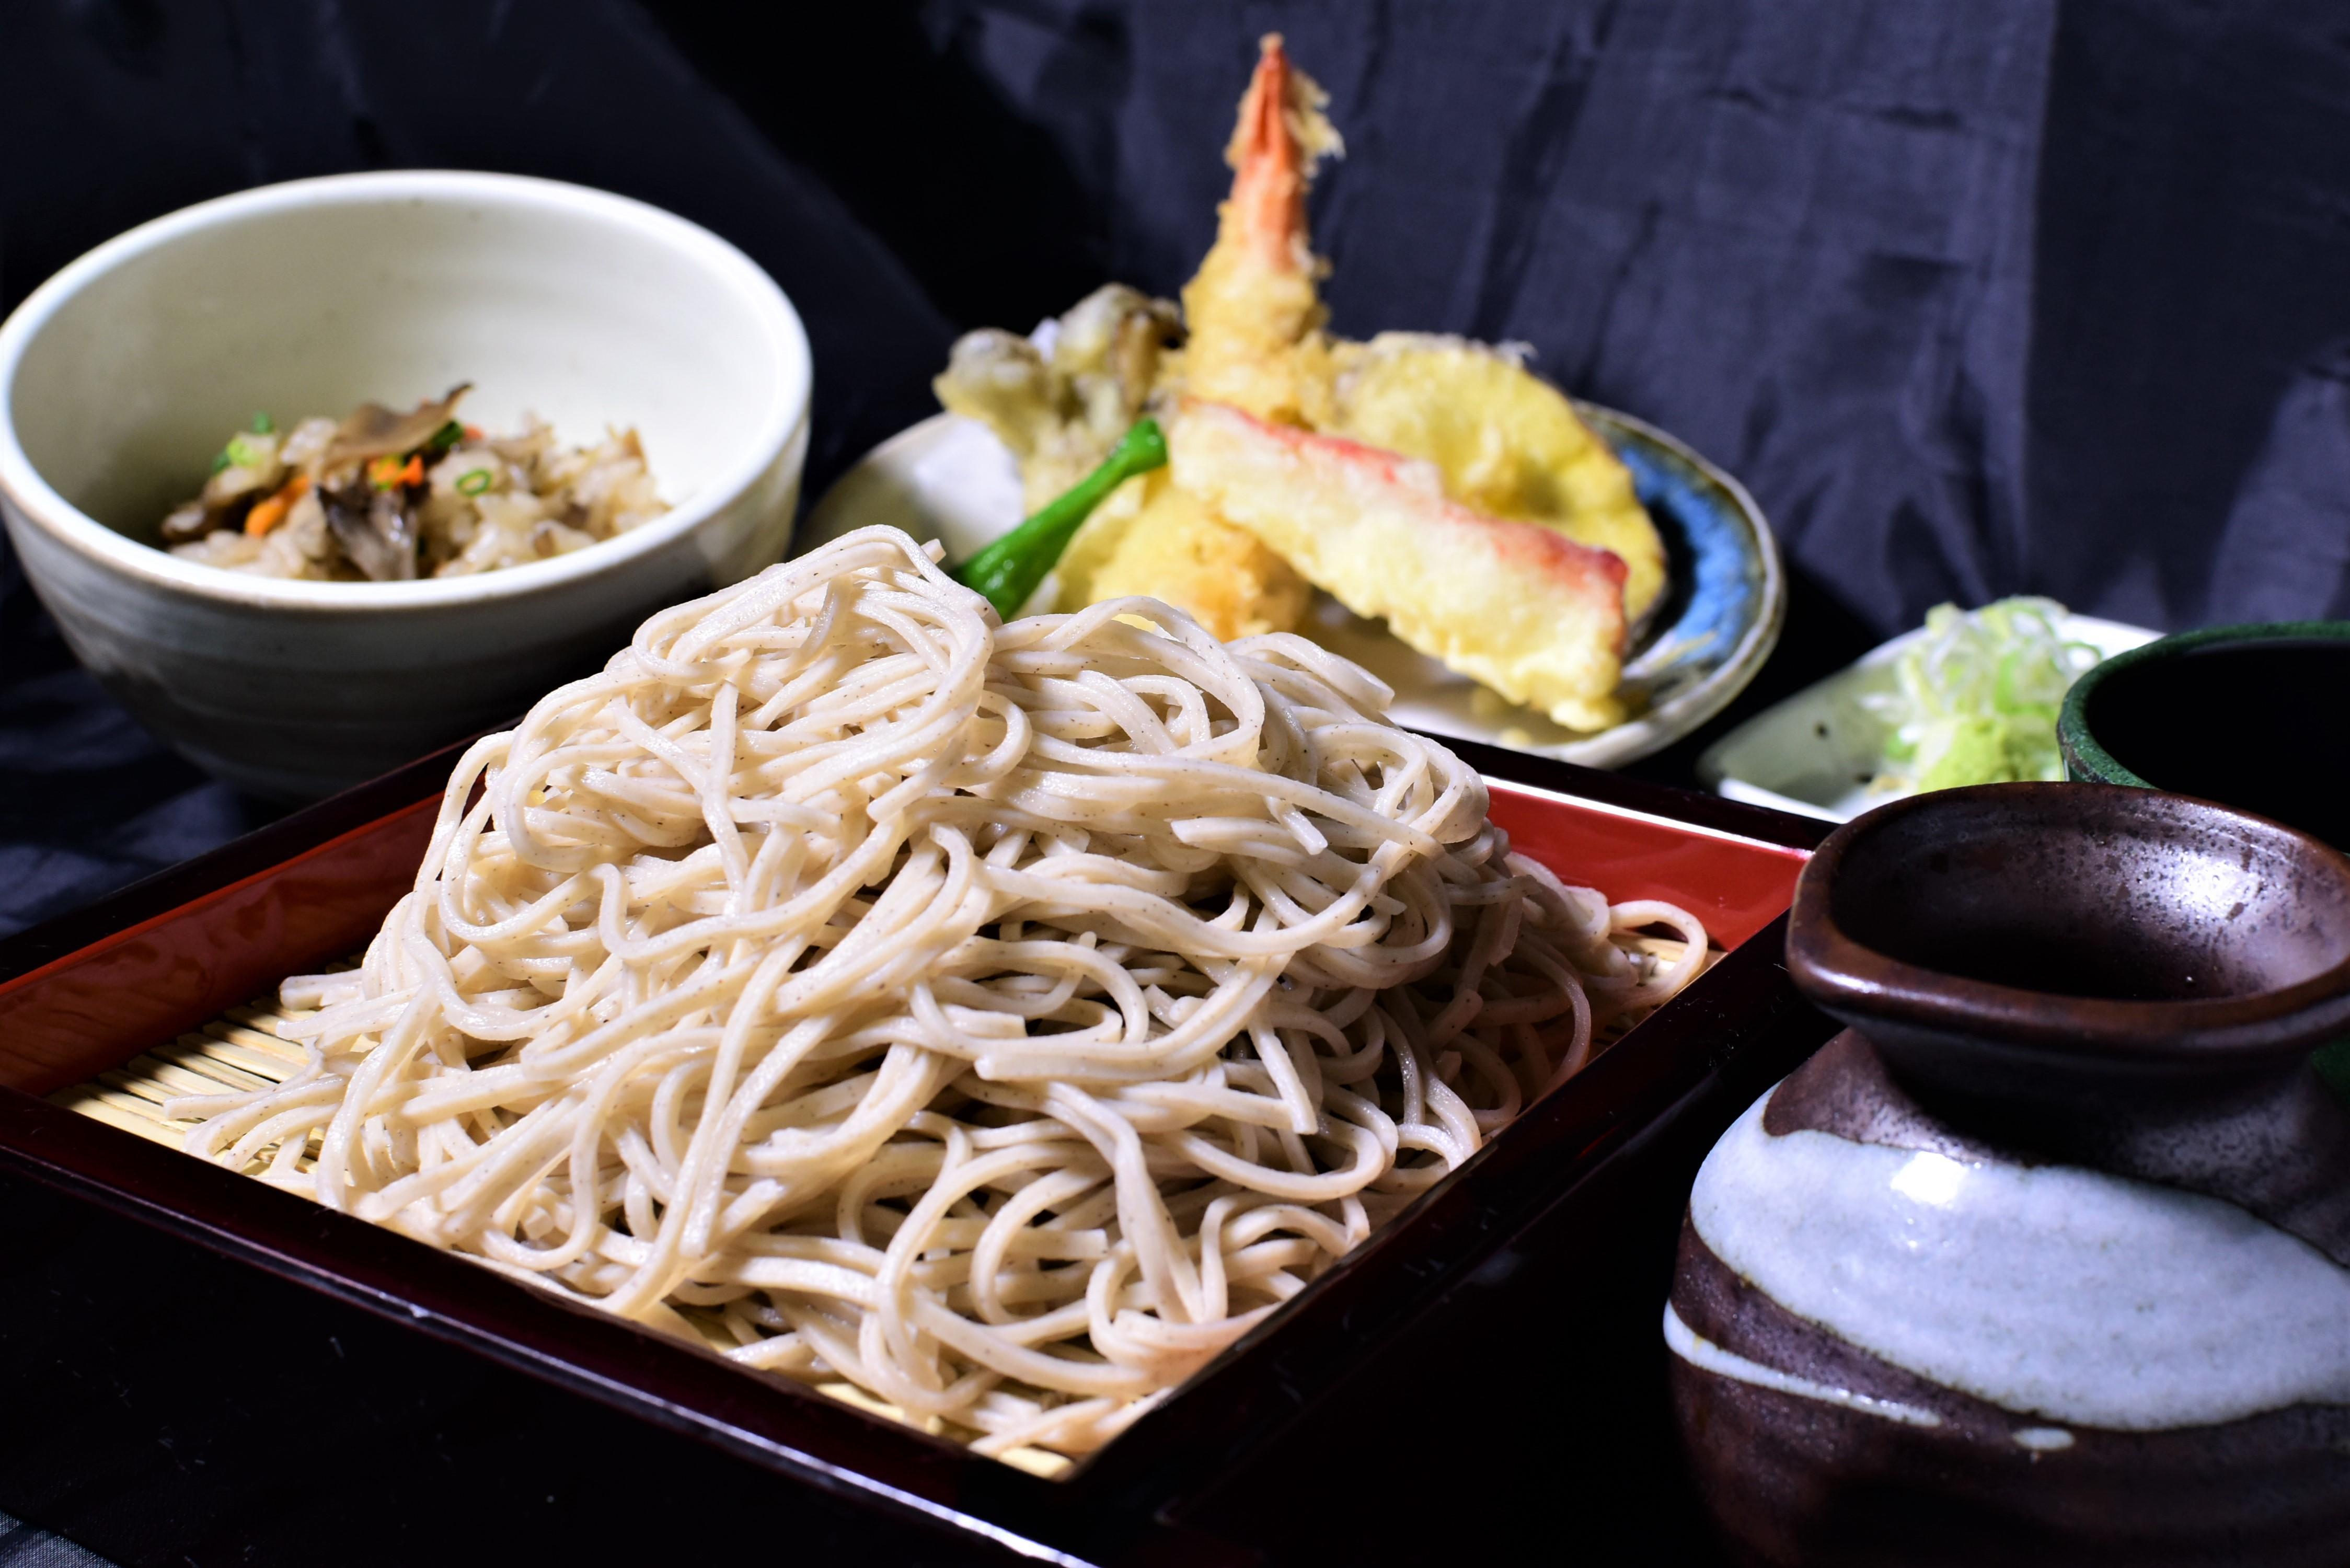 第3位「二八蕎麦と季節ご飯~天婦羅添え~」のイメージ画像